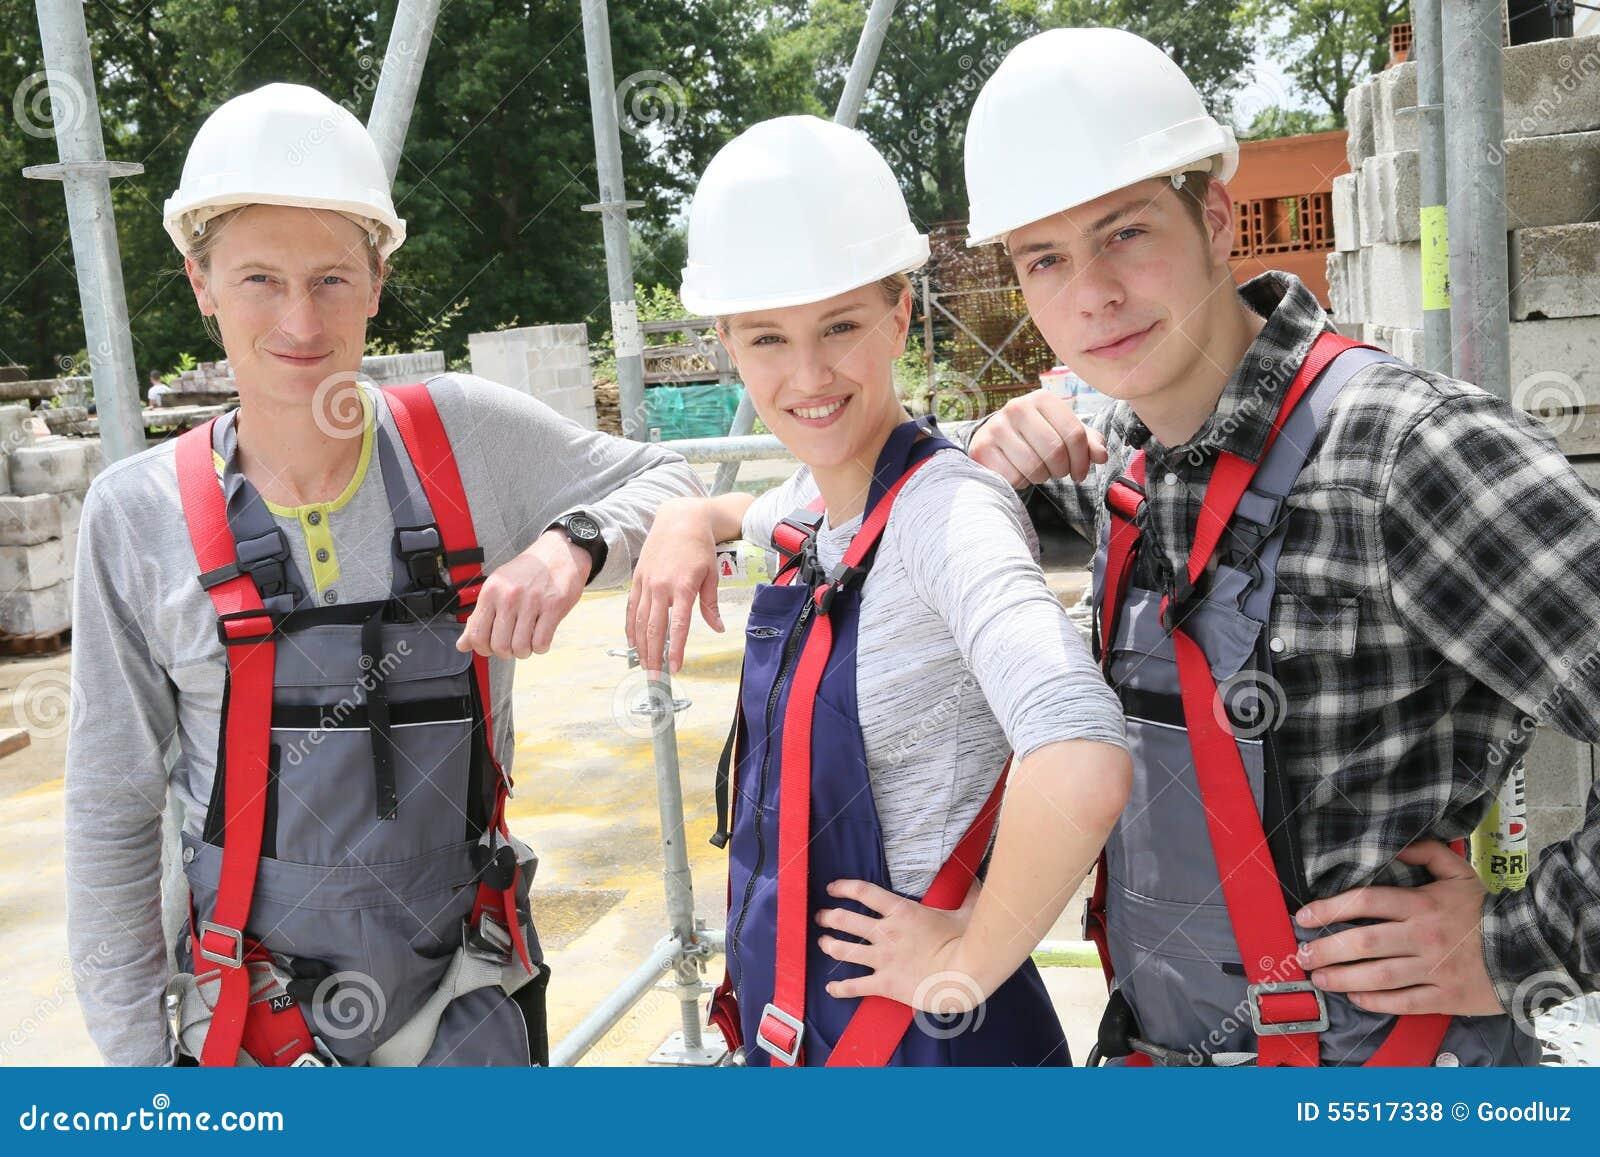 Portret van jongeren met helmen in bouw